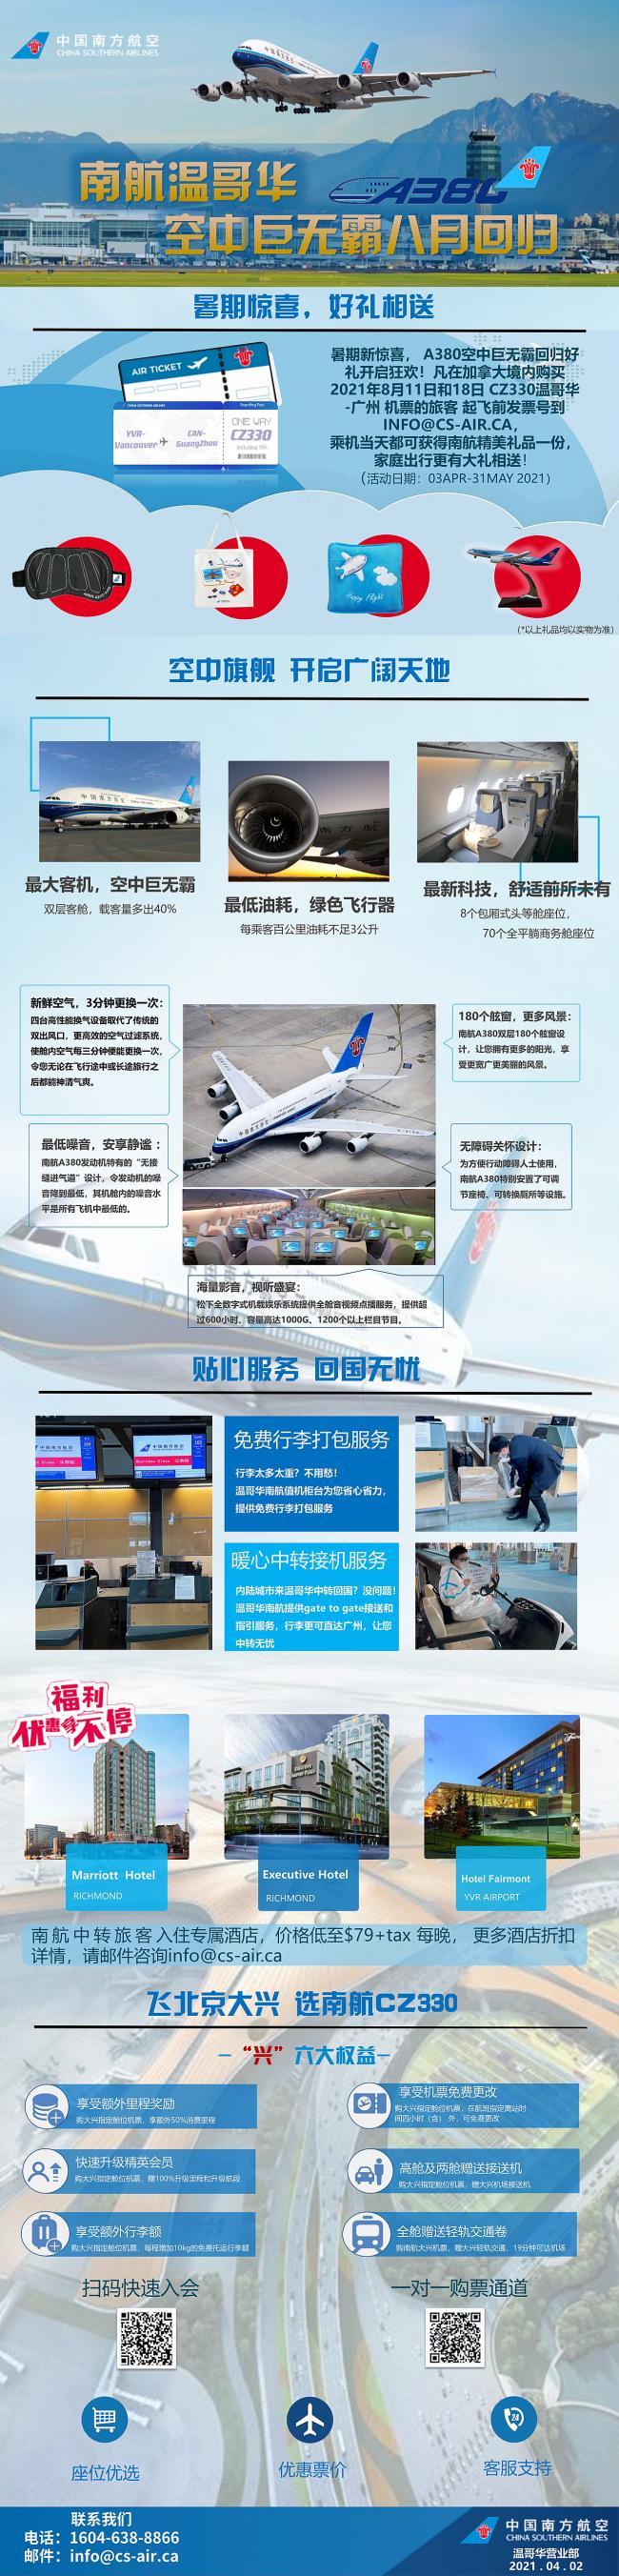 WeChat Image_20210406160711.jpg